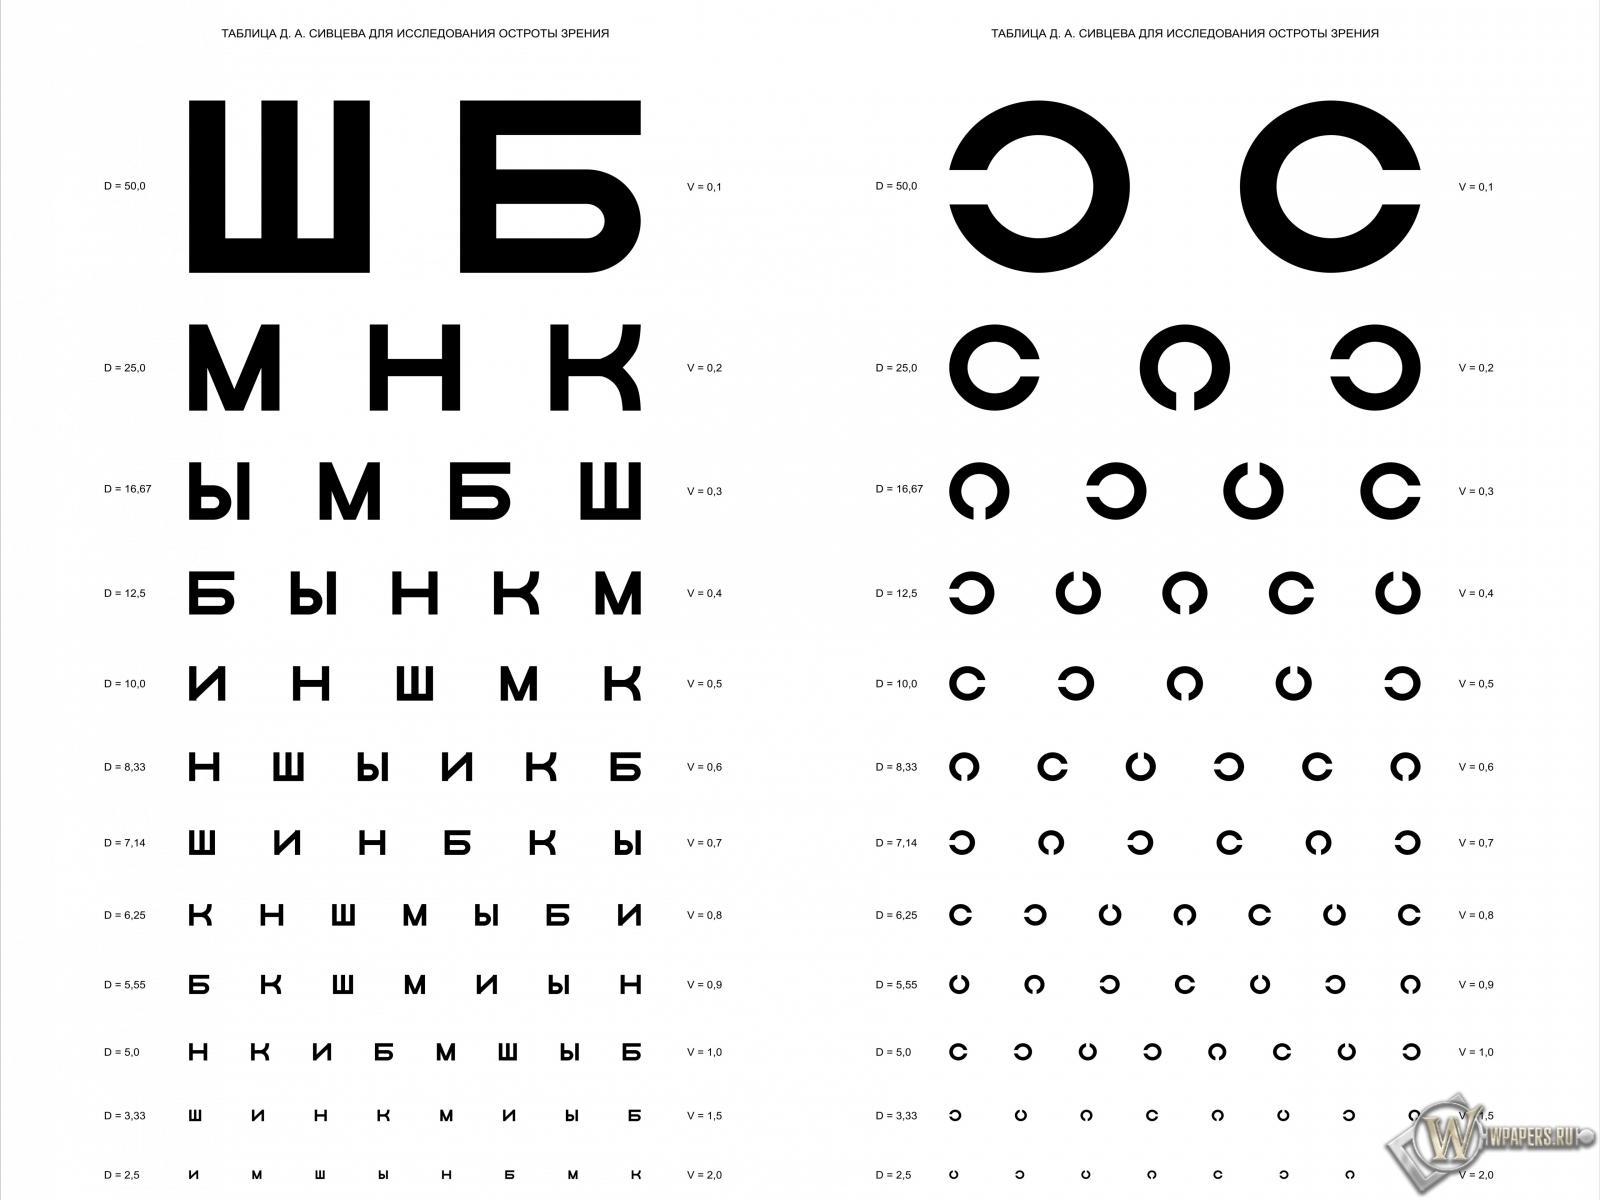 Таблица Д.А. Сивцева для проверки зрения 1600x1200